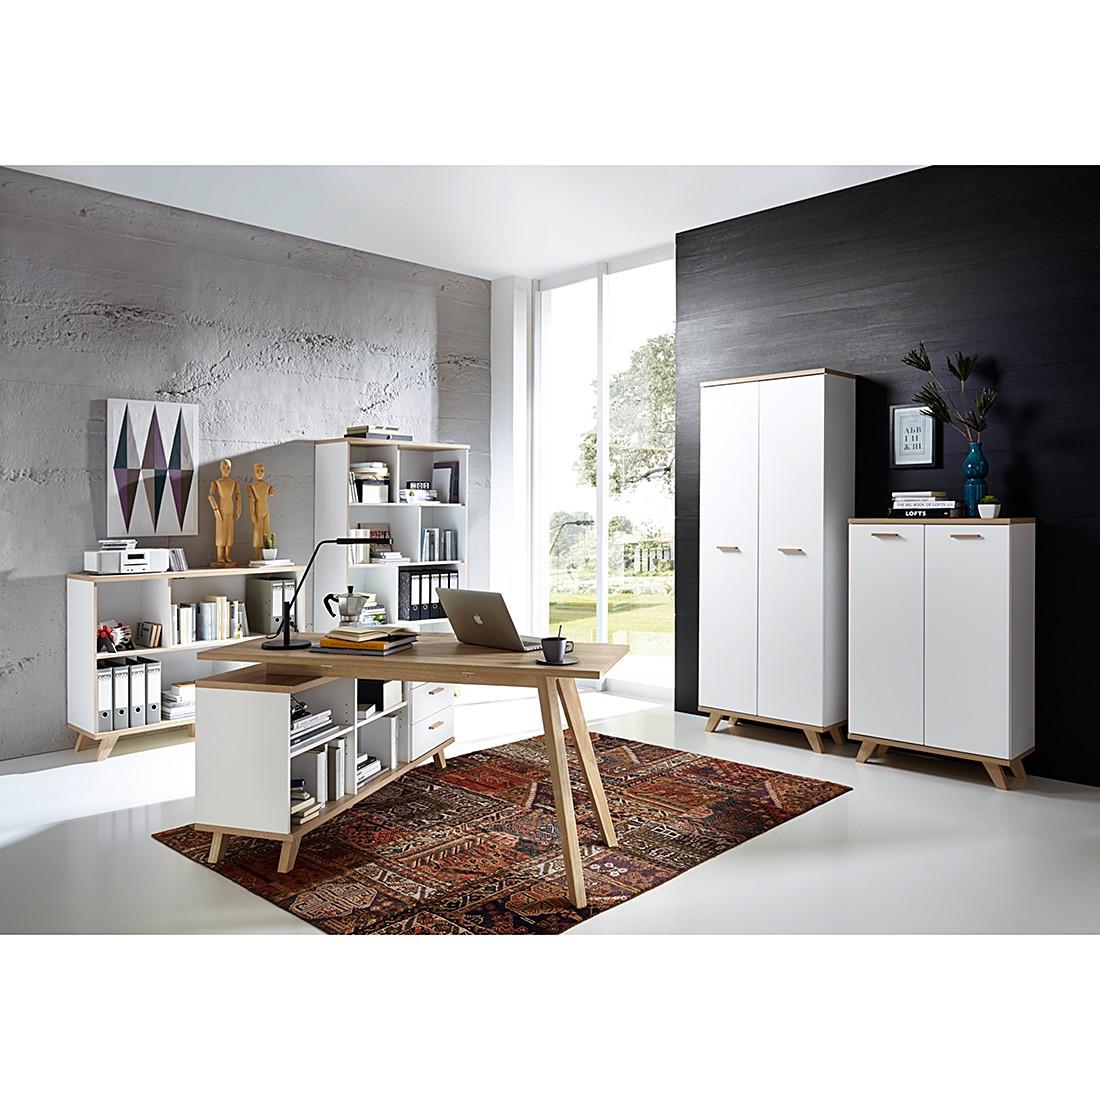 Büroset Neston II (5-teilig) - Eiche Sanremo Dekor/Weiß, Morteens